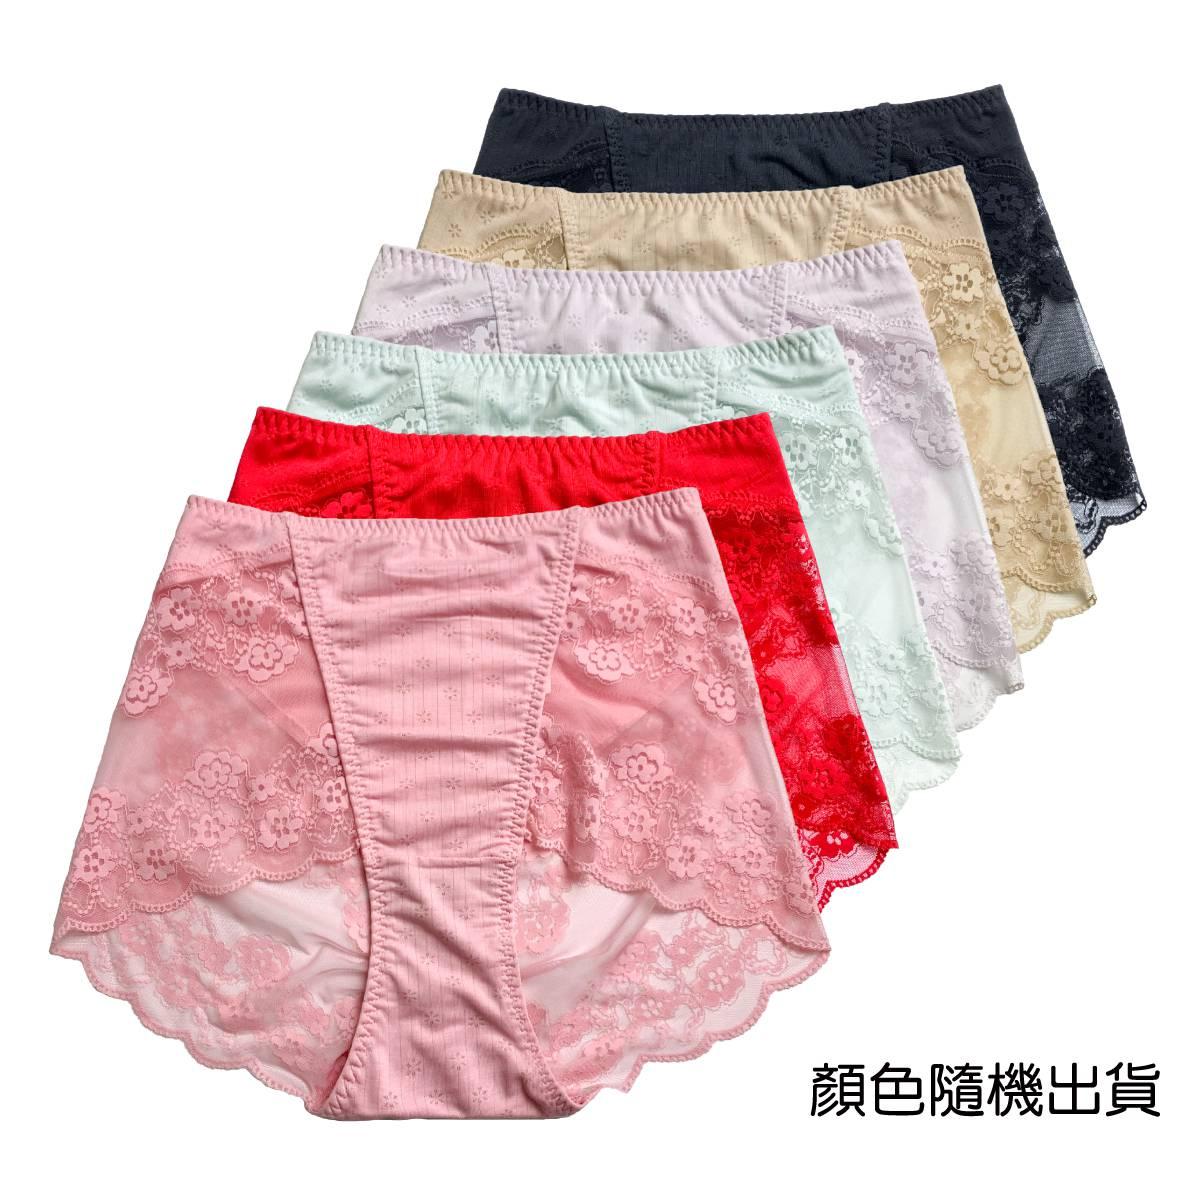 【羋亞可】膠原蛋白保濕抑菌裡布女內褲0202 中高腰 L碼(顏色隨機出貨)